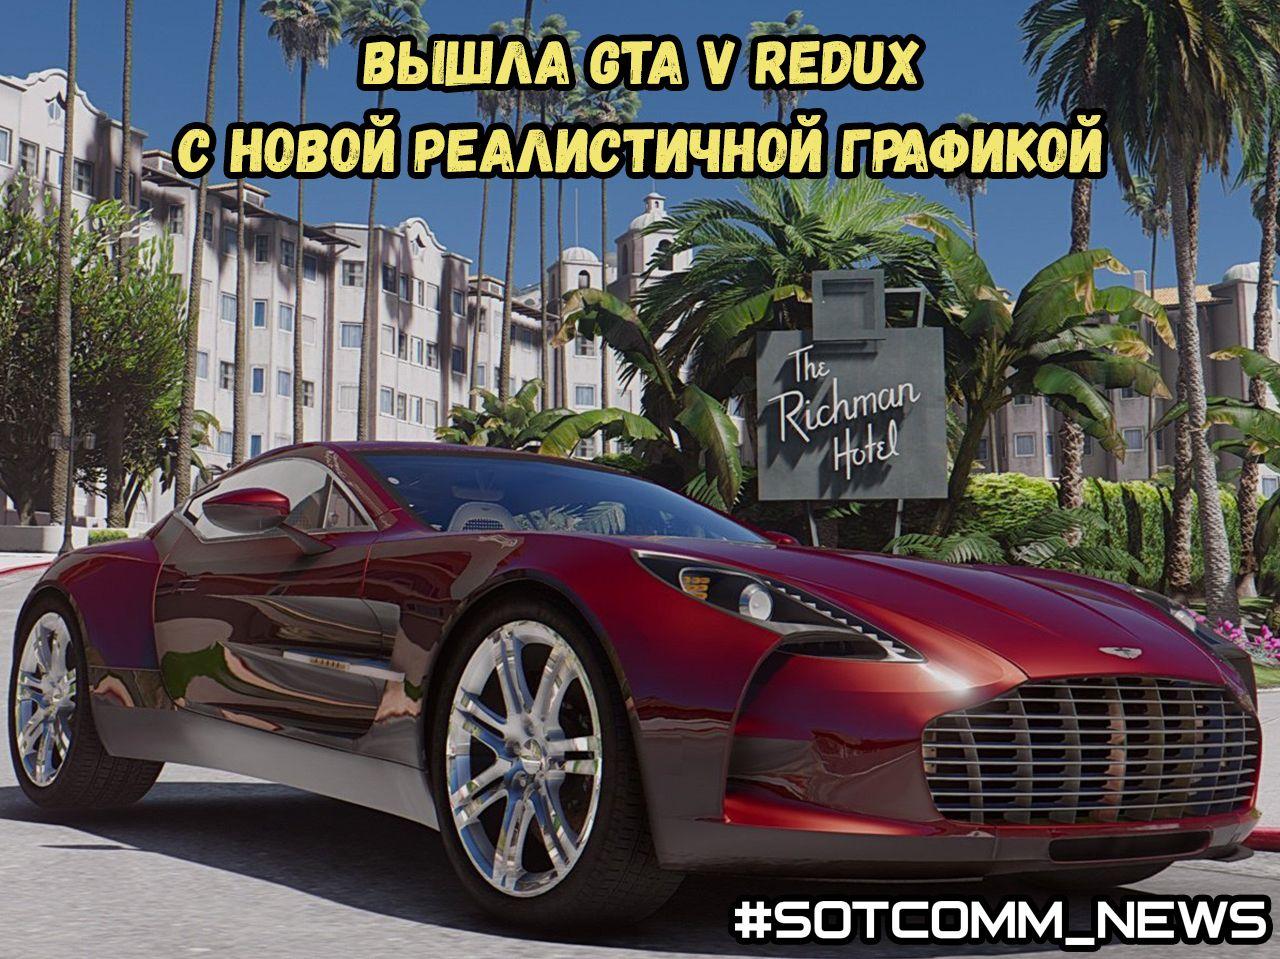 Вышла GTA V Redux с новой реалистичной графикой